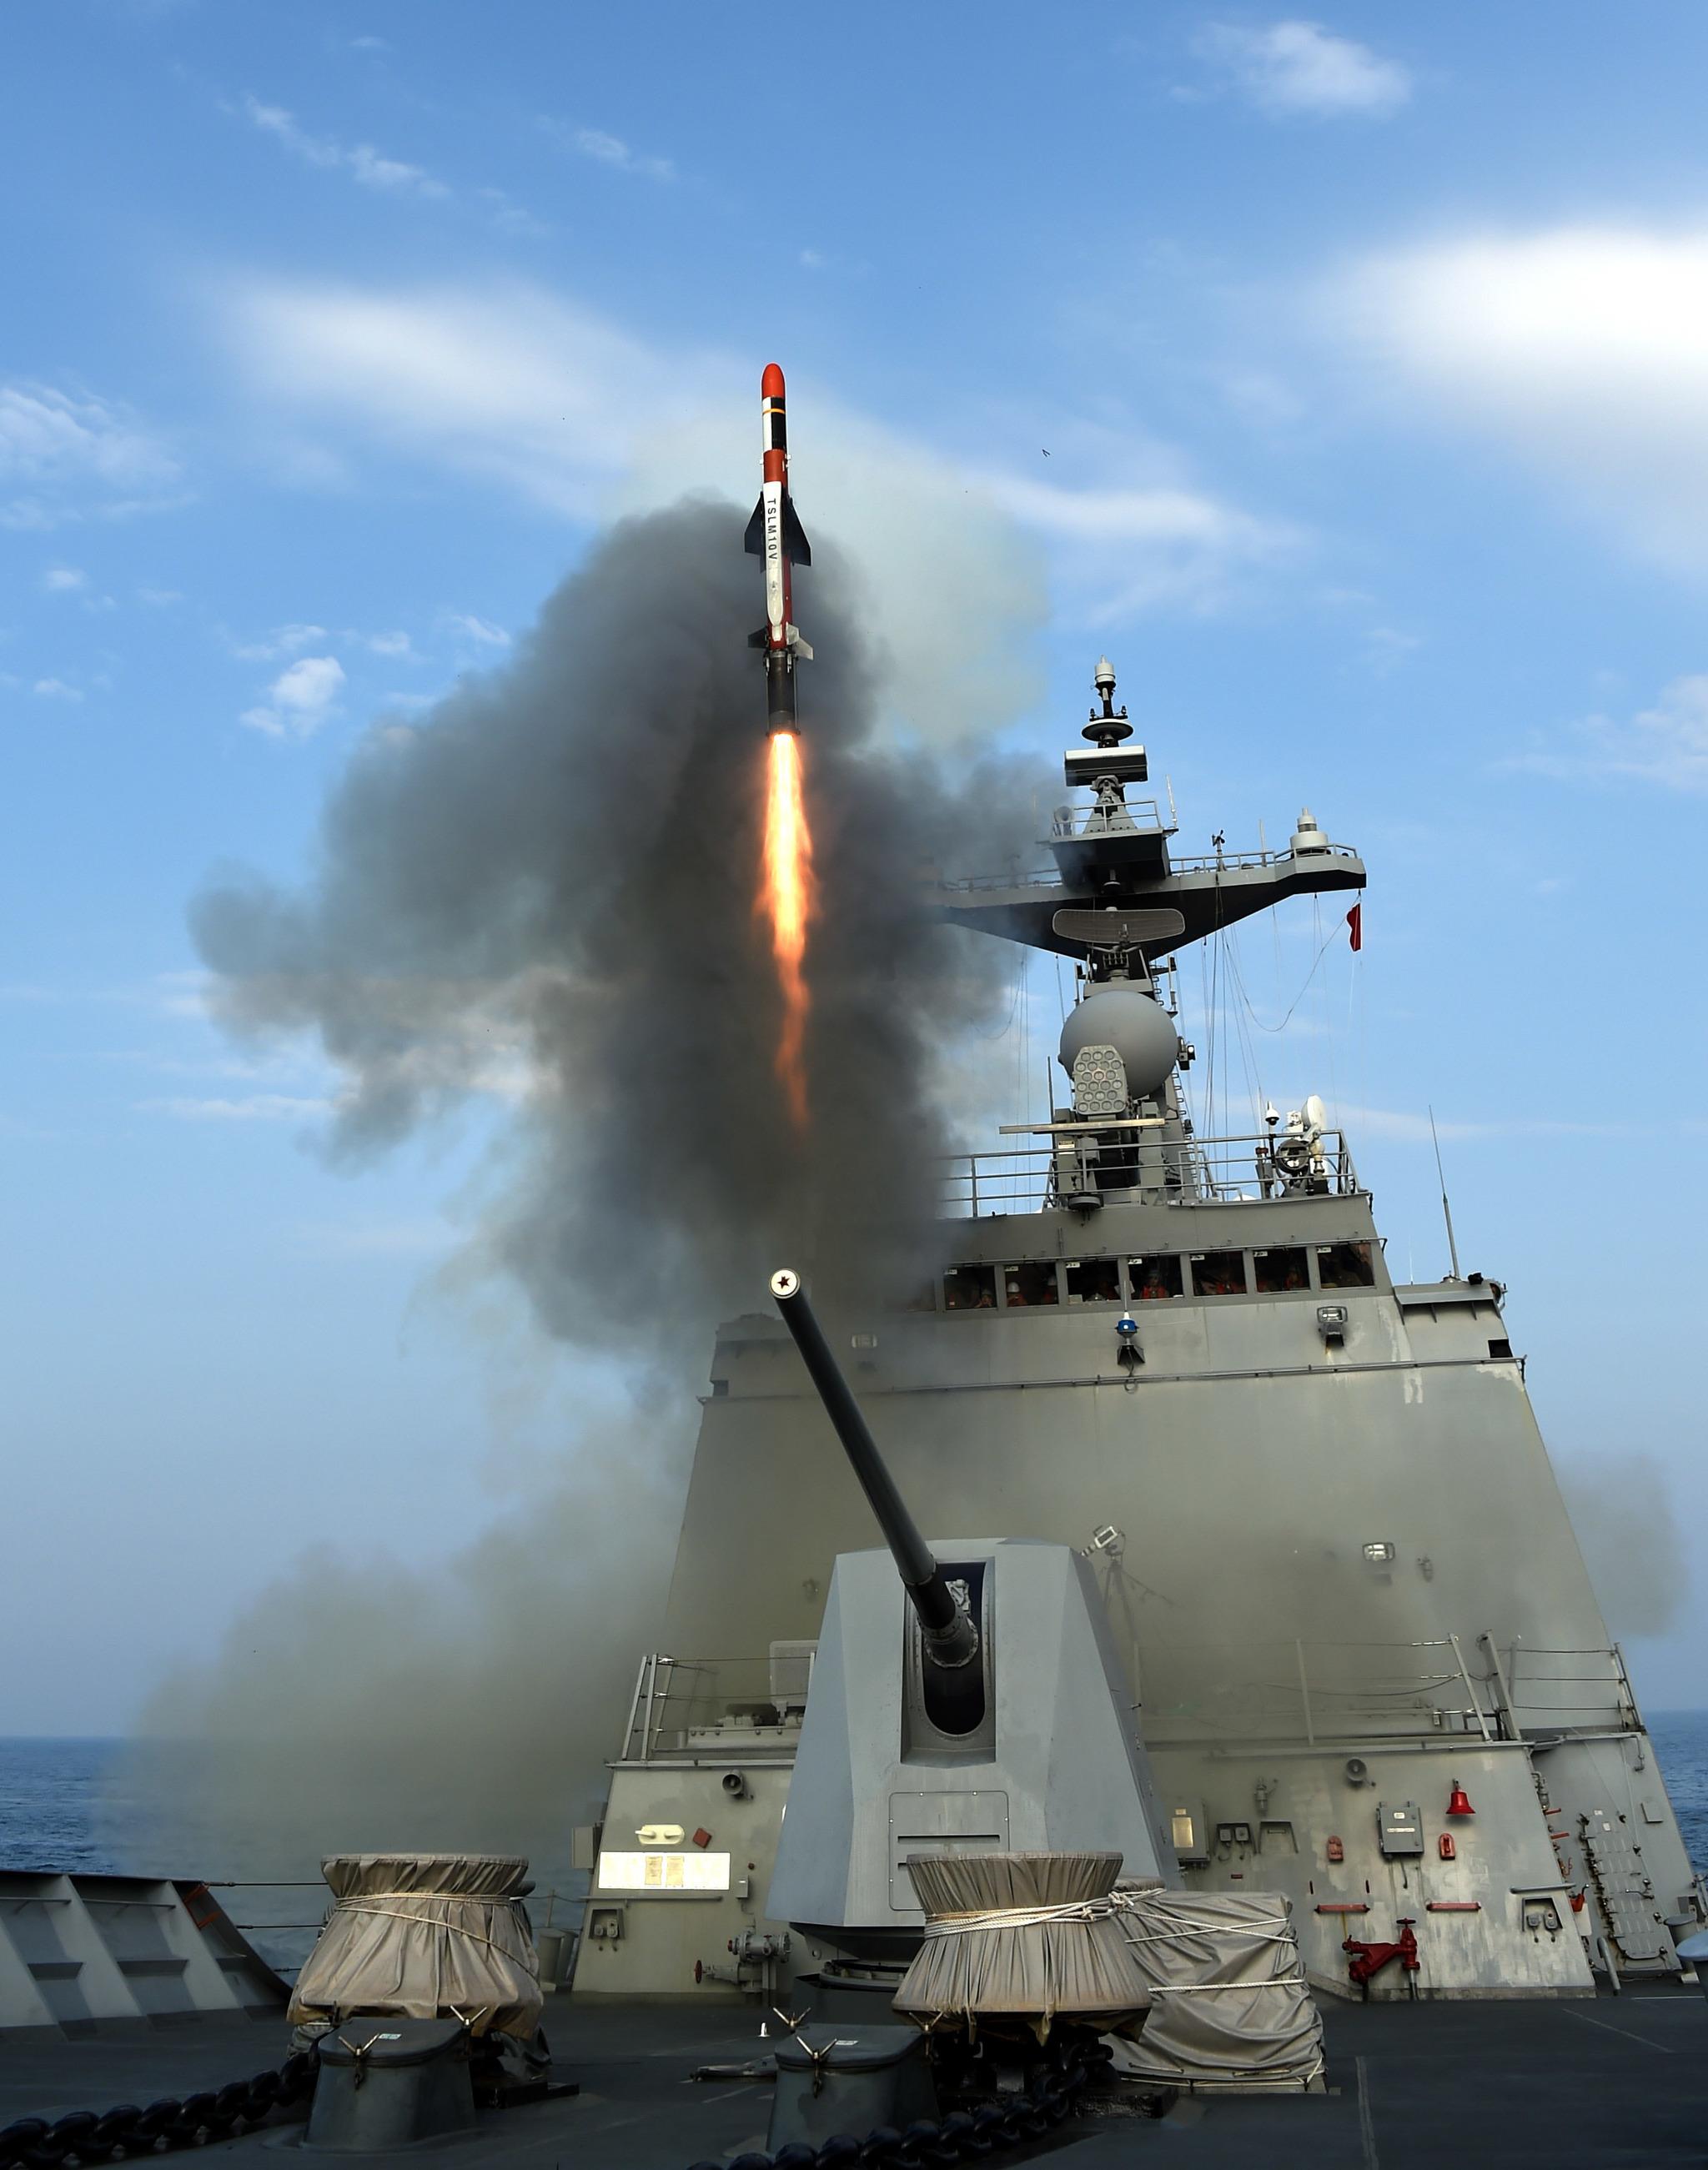 국산 기술로 개발완료된 전술함대지유도탄의 해상 호위함에서의 발사모습. [사진 방사청]